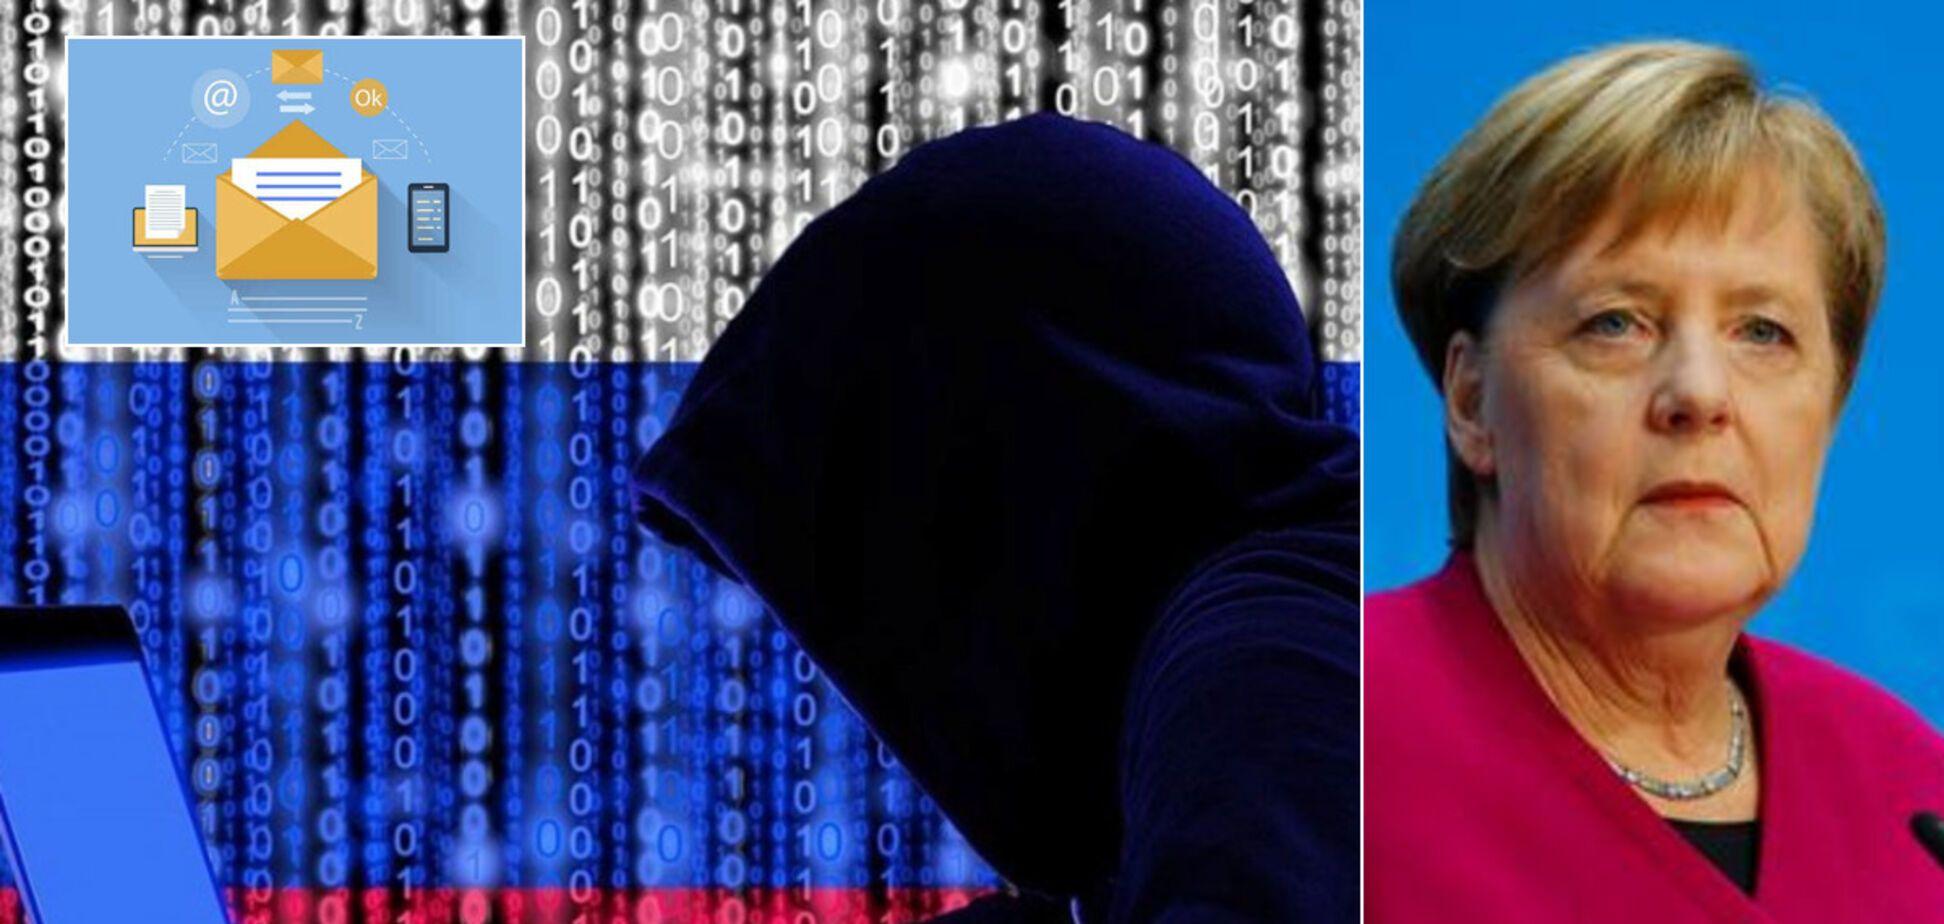 Разведка России взломала почту Меркель: разгорается шпионский скандал